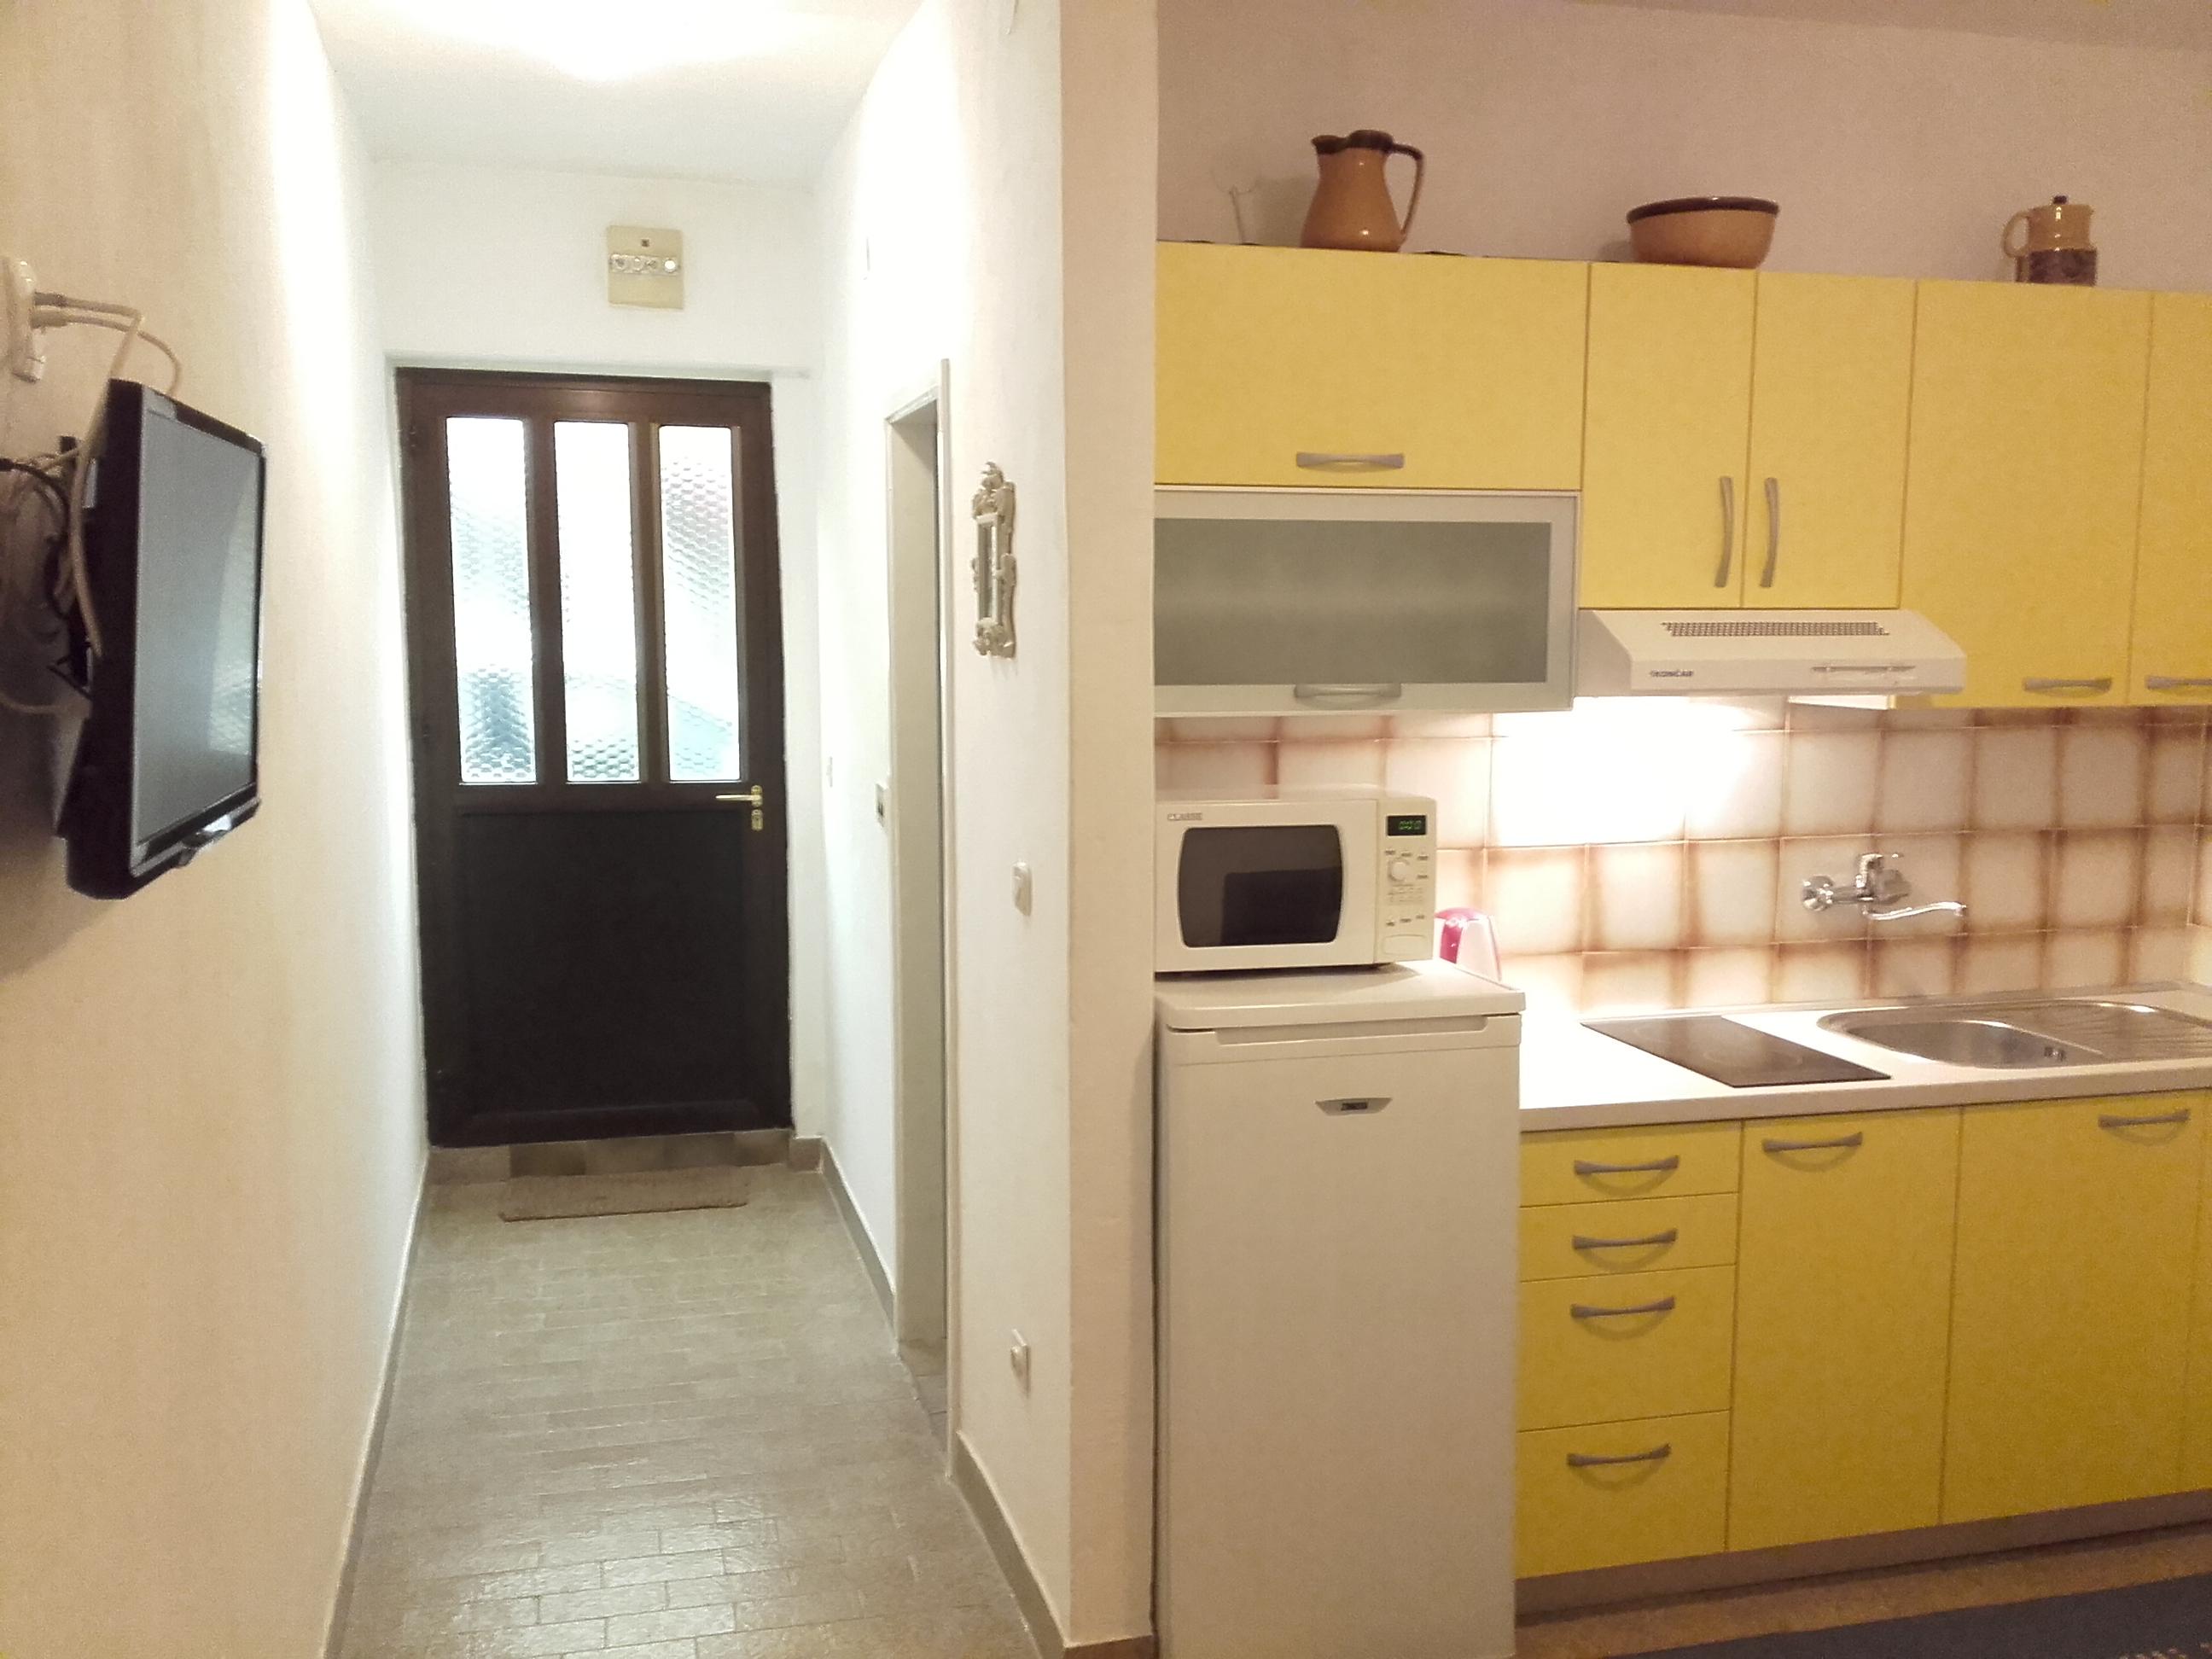 die modern eingerichtete ferienwohnung befindet sich in einer wohnung house. Black Bedroom Furniture Sets. Home Design Ideas